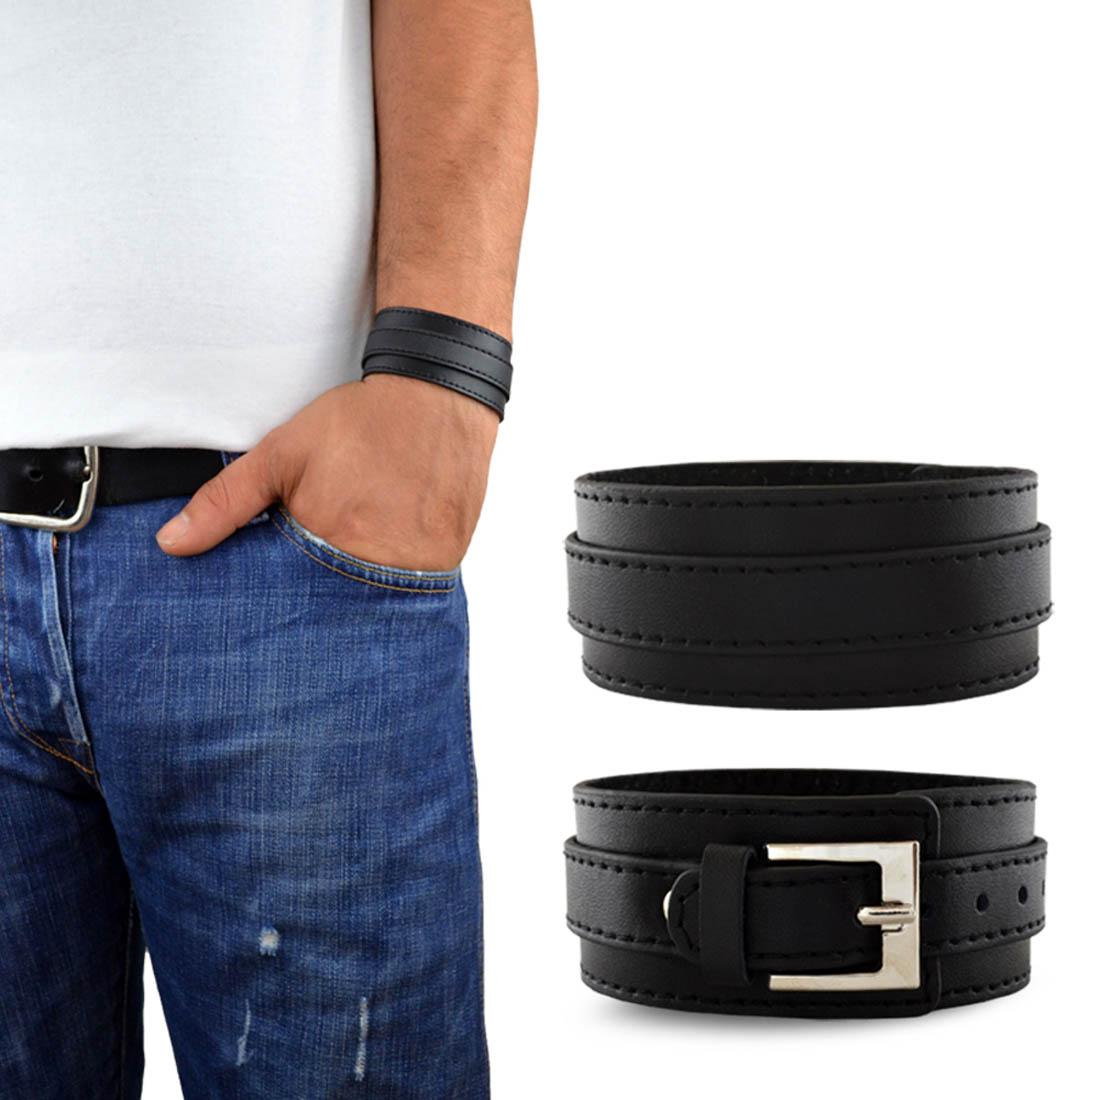 Alles andere als arm dran – diese Armbänder für Herren sind der absolute Hingucker! #Minimalistisch Elegant und unaufgeregt – das ist dein Look? Passend zum coolen Understatement sind minimalistische Armspangen aus Edelstahl oder filigrane Silberarmbänder.